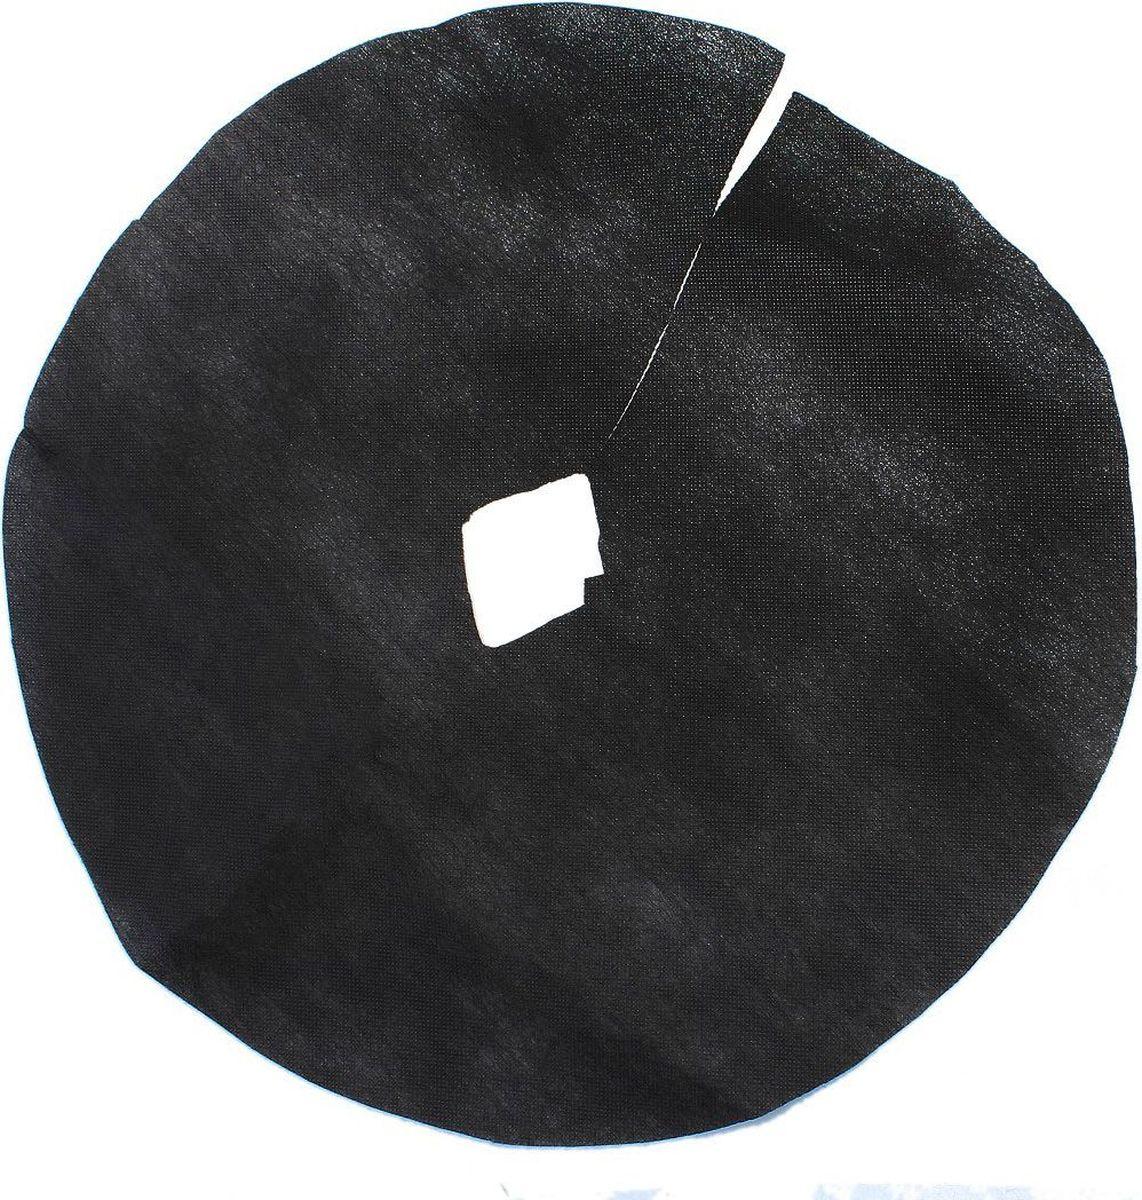 Круг приствольный Агротекс, цвет: черный, диаметр 0,4 м, 10 шт09840-20.000.00Каждый опытный садовод знает о пользе приствольного круга. Он облегчает уход за растениями, обеспечивает почве свободную вентиляцию и «дыхание», сохраняя влагу.Используя приствольный круг «Агротекс»:вы можете навсегда забыть о прополке и придать своему саду аккуратный, ухоженный видвы защитите свои посадки от холода и поможете им пережить резкие колебания температурвы улучшите аэрацию и дренаж почвывы сохраните влагу и уменьшите испарение.Круг экологичен и прост в использовании: взрыхлите и разровняйте почву вокруг ствола, расстелите приствольный круг (сторона не имеет значения) и надёжно присыпьте края землёй или гравием. Готово!Теперь вы можете не беспокоиться о своих деревьях и кустарниках: на ближайшие три сезона это работа для «Агротекс».